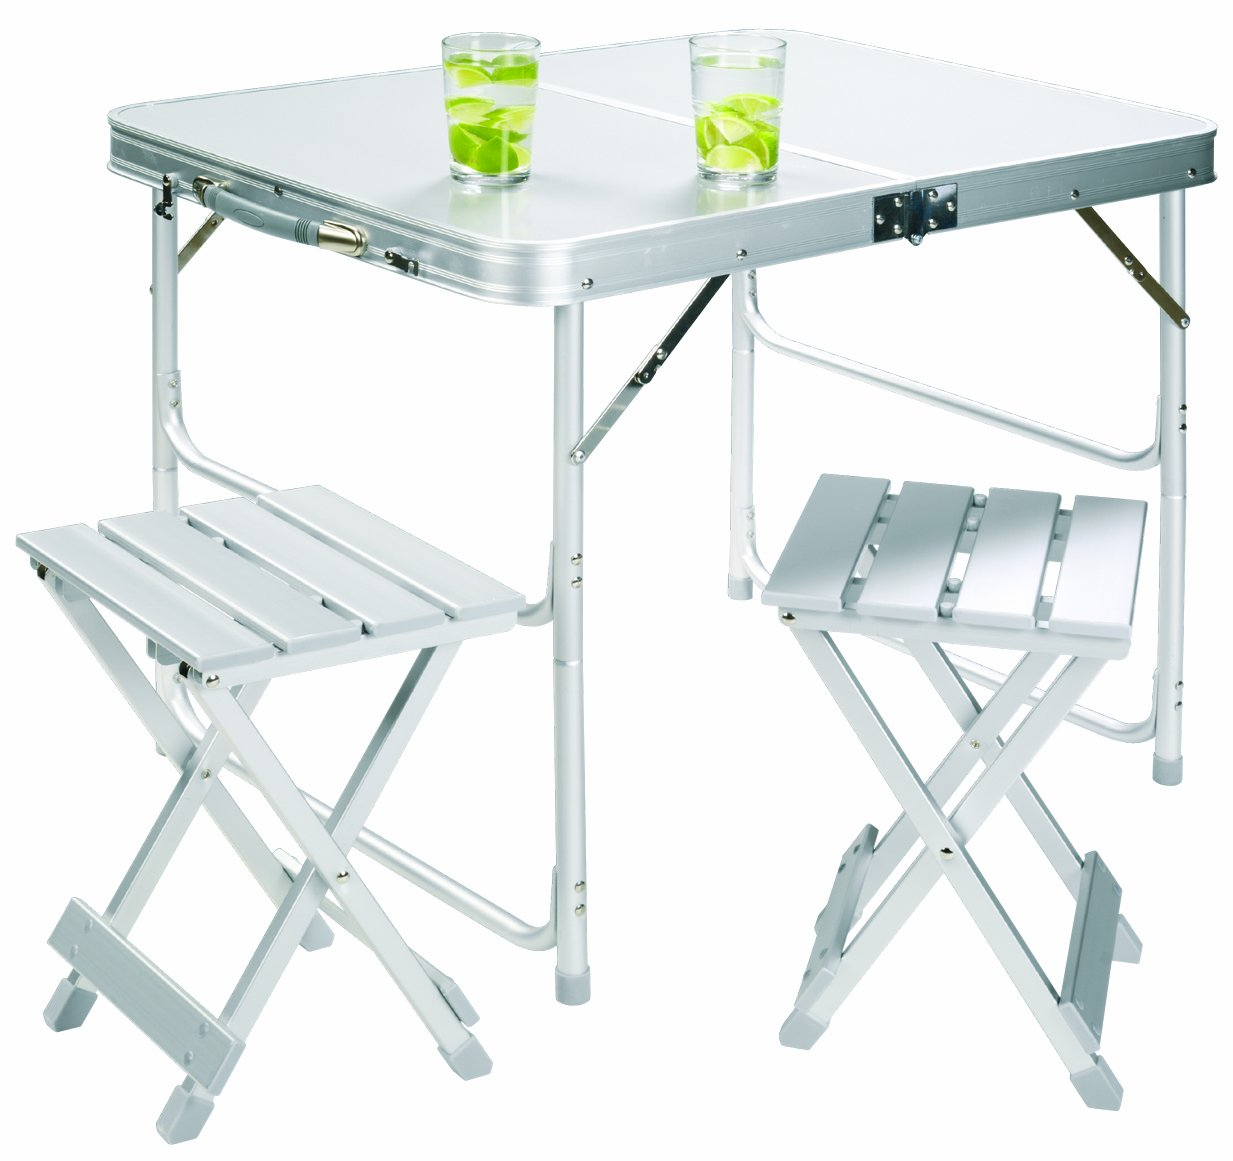 Grand Canyon Koffertisch Set inkl. 2 Hocker, klappbar, Aluminium, silber, 308006